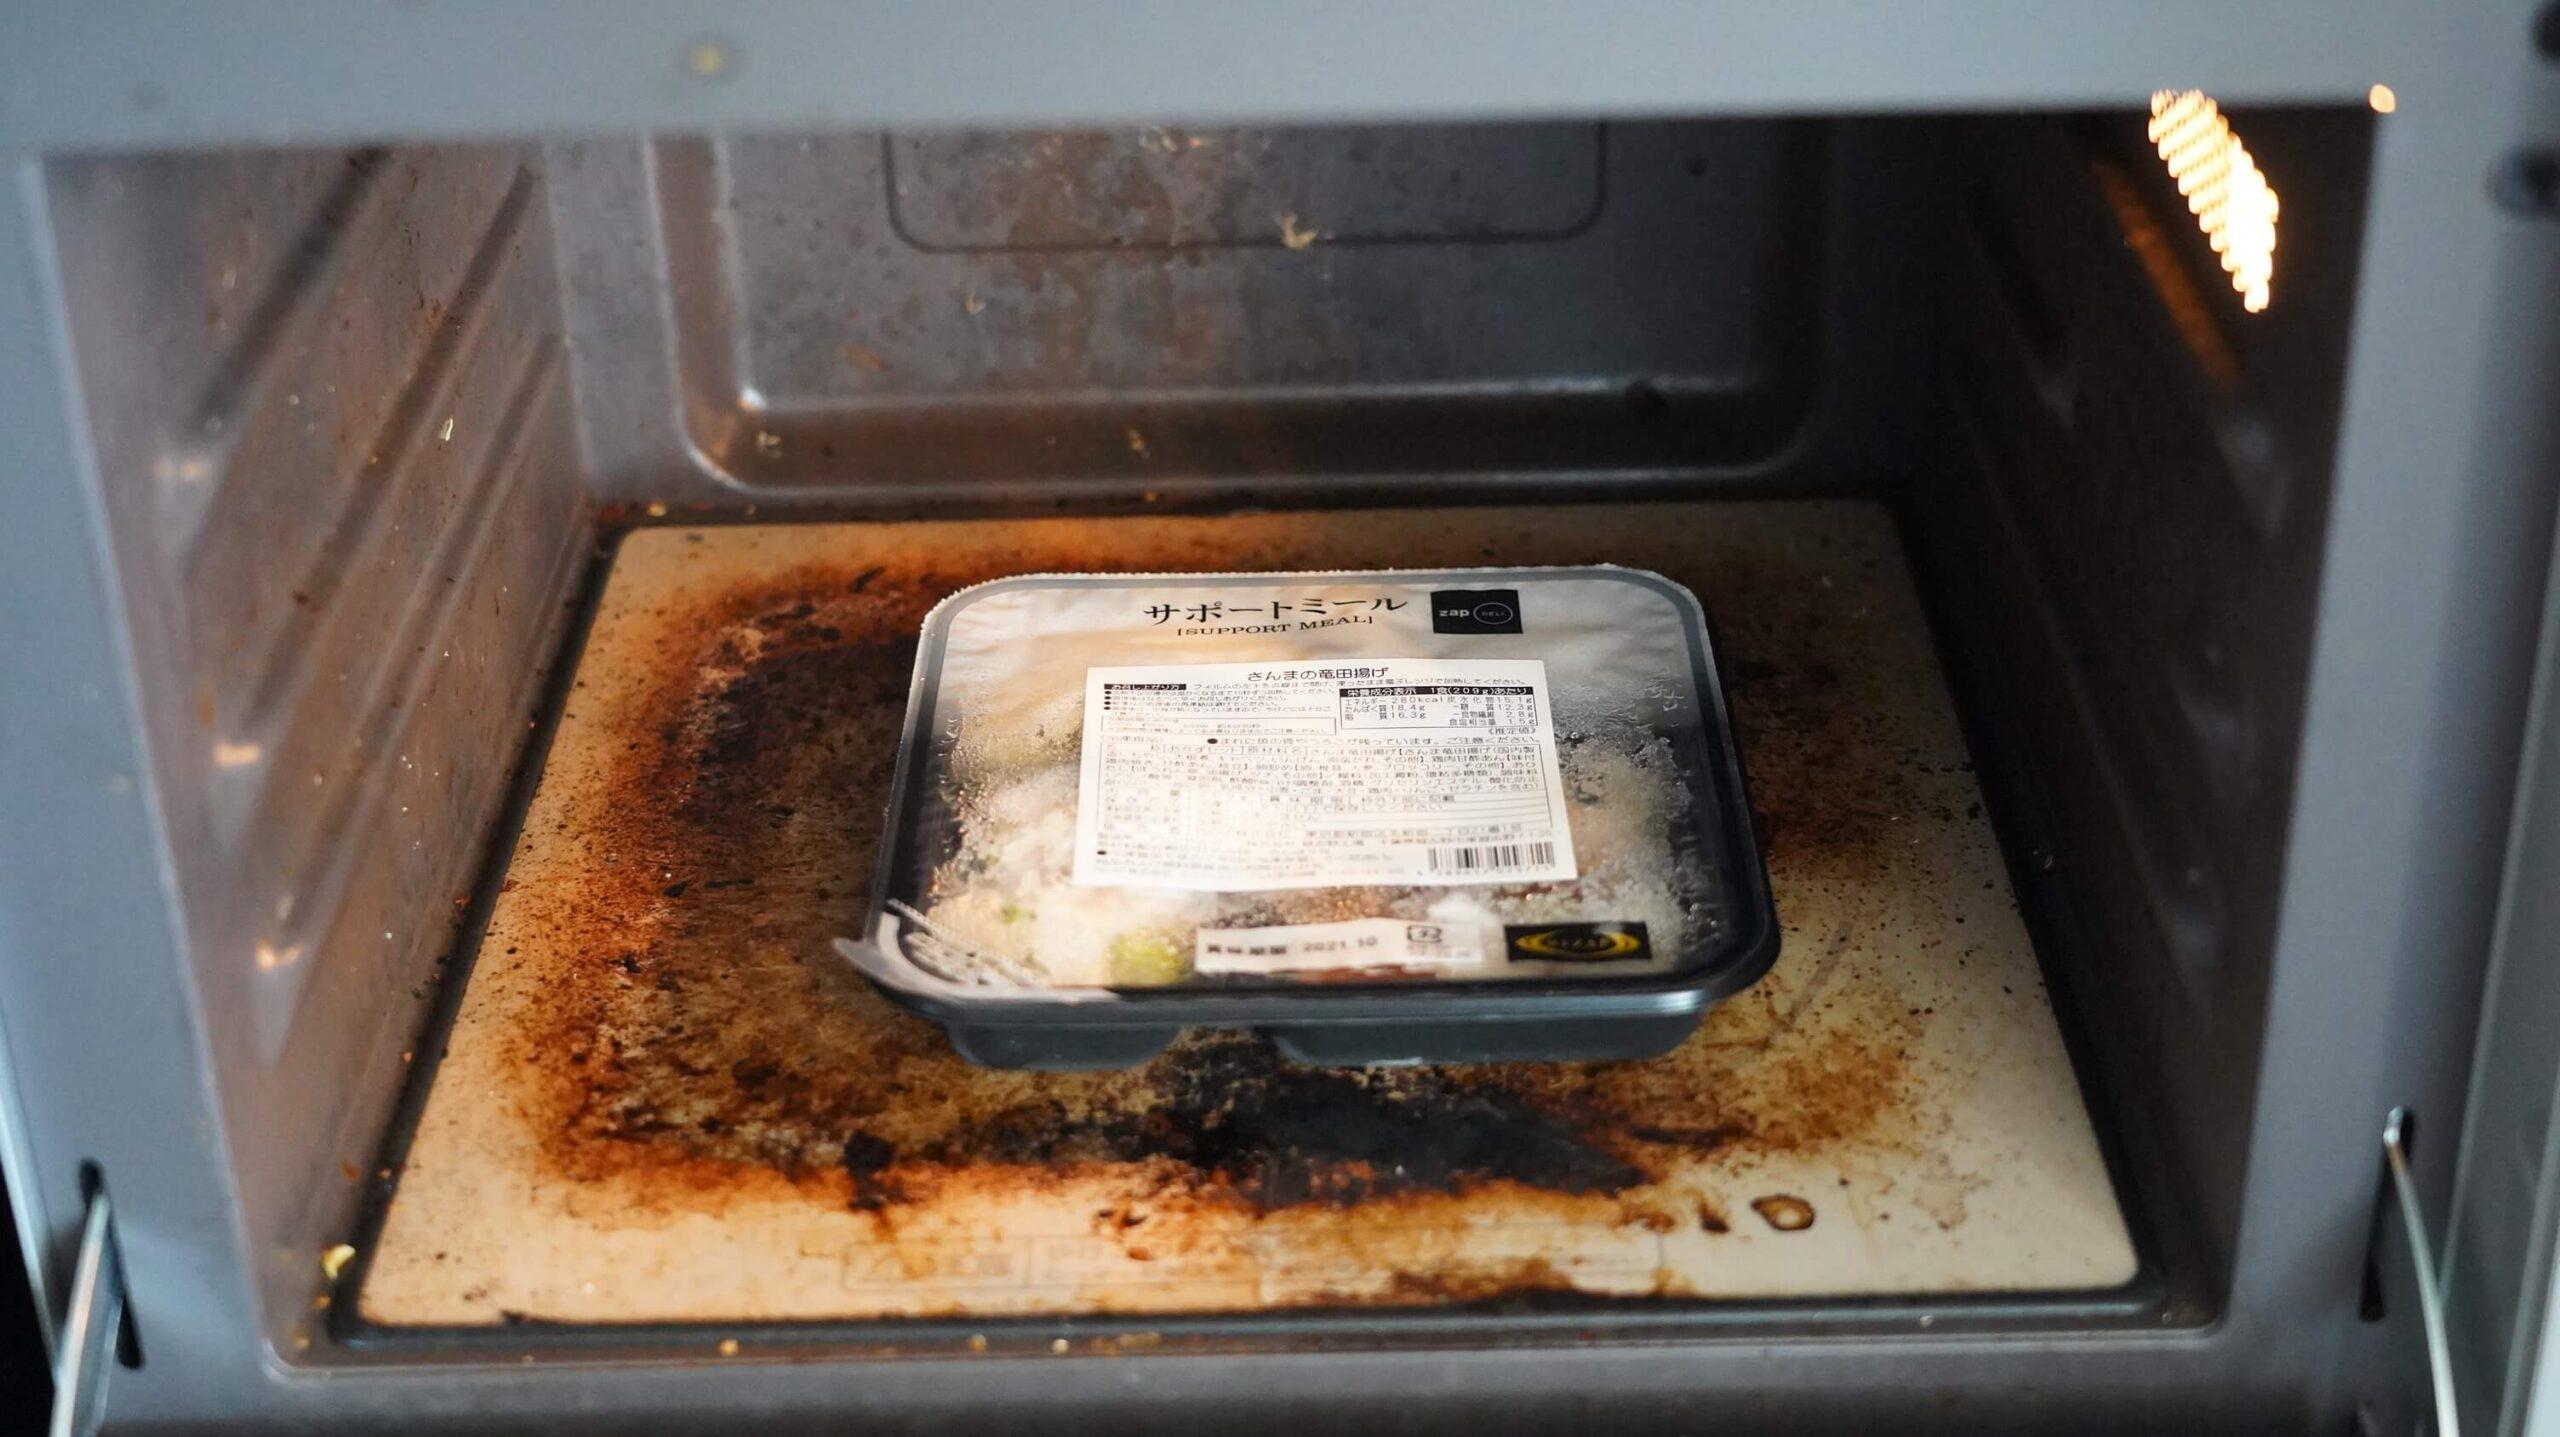 ライザップのサポートミール「さんまの竜田揚げ」を電子レンジで加熱している写真